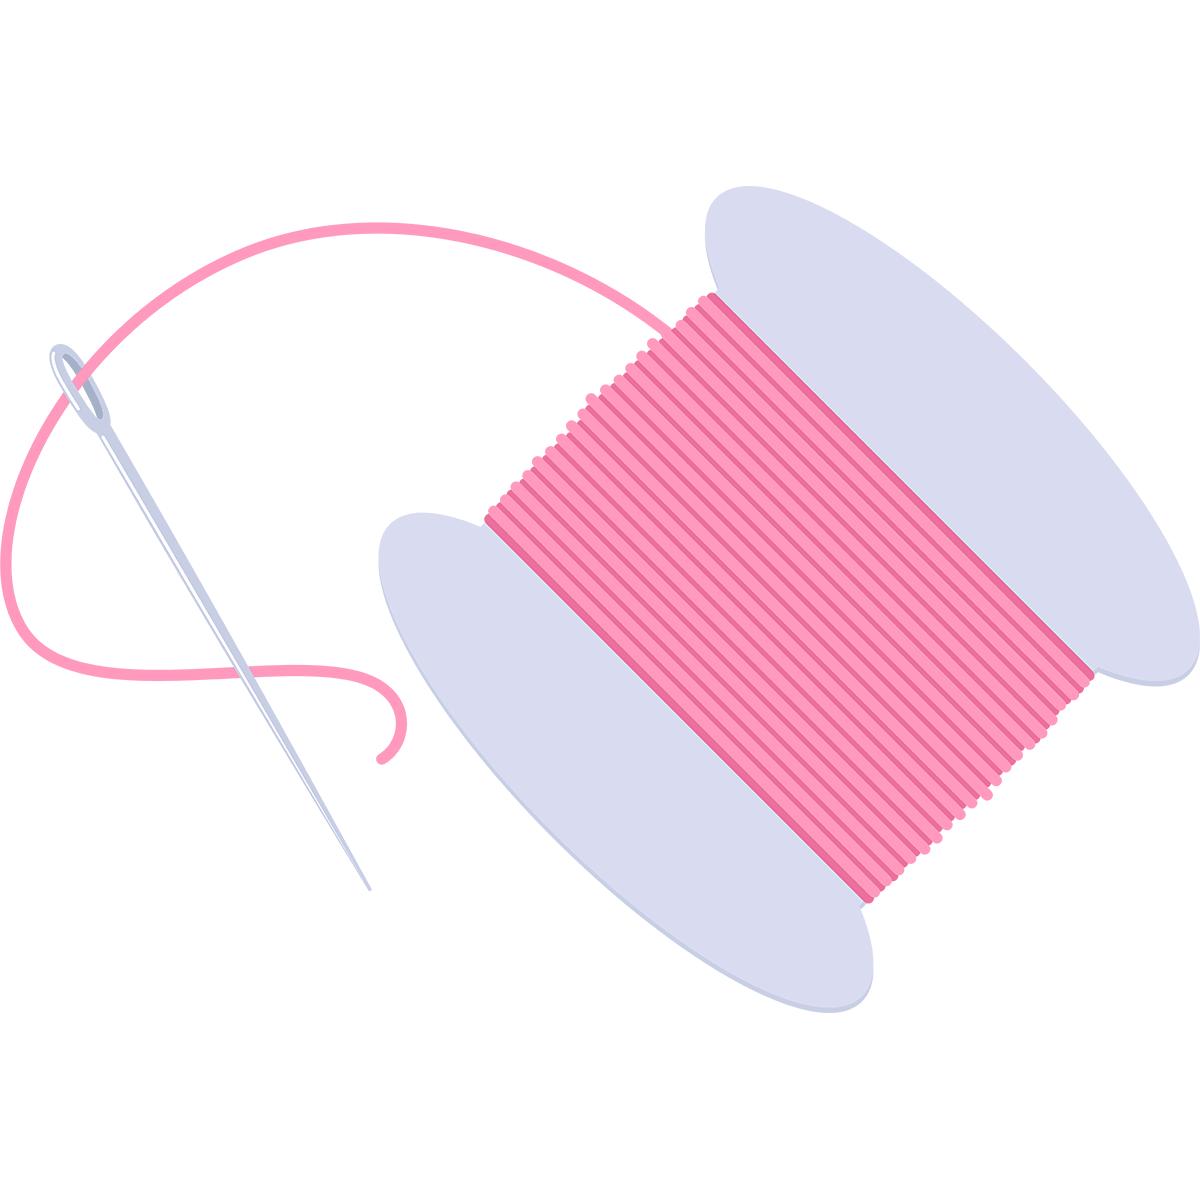 針と糸の無料イラスト